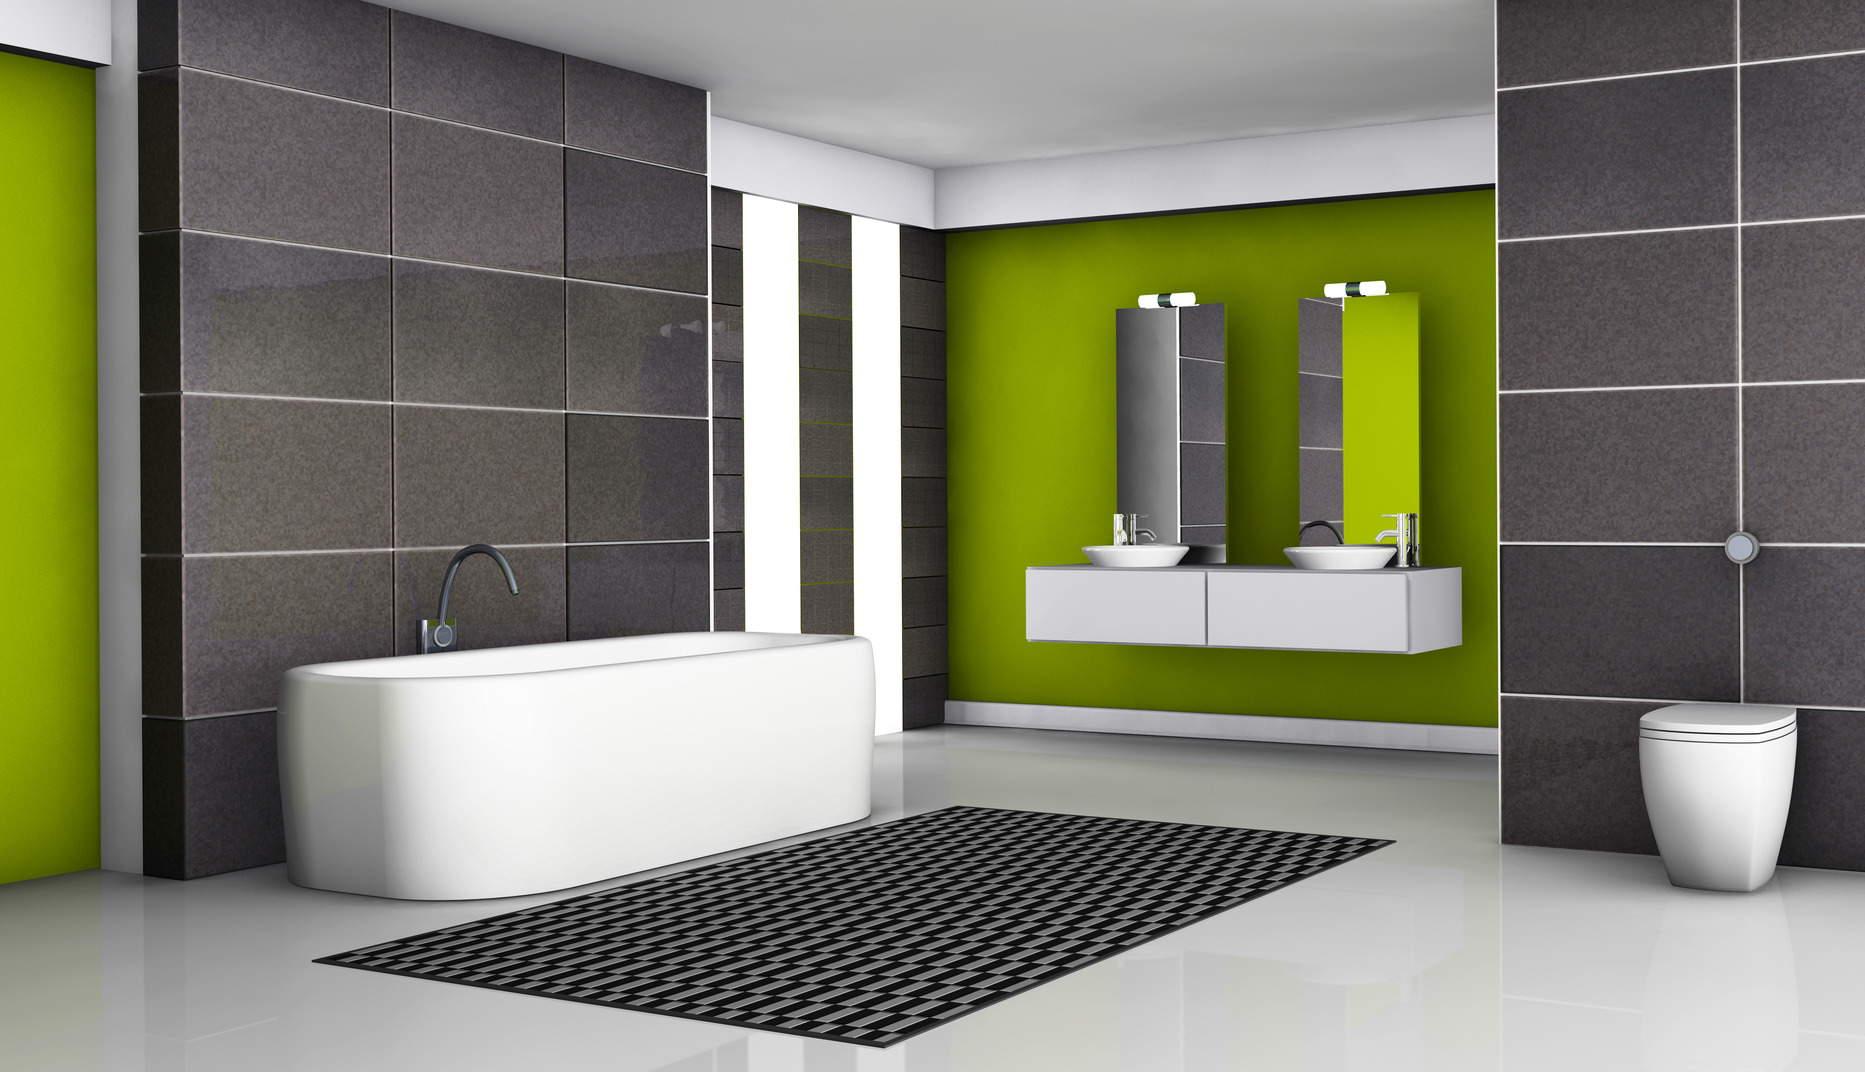 Wyposażenie I Aranżacja łazienki Dla Niepełnosprawnych